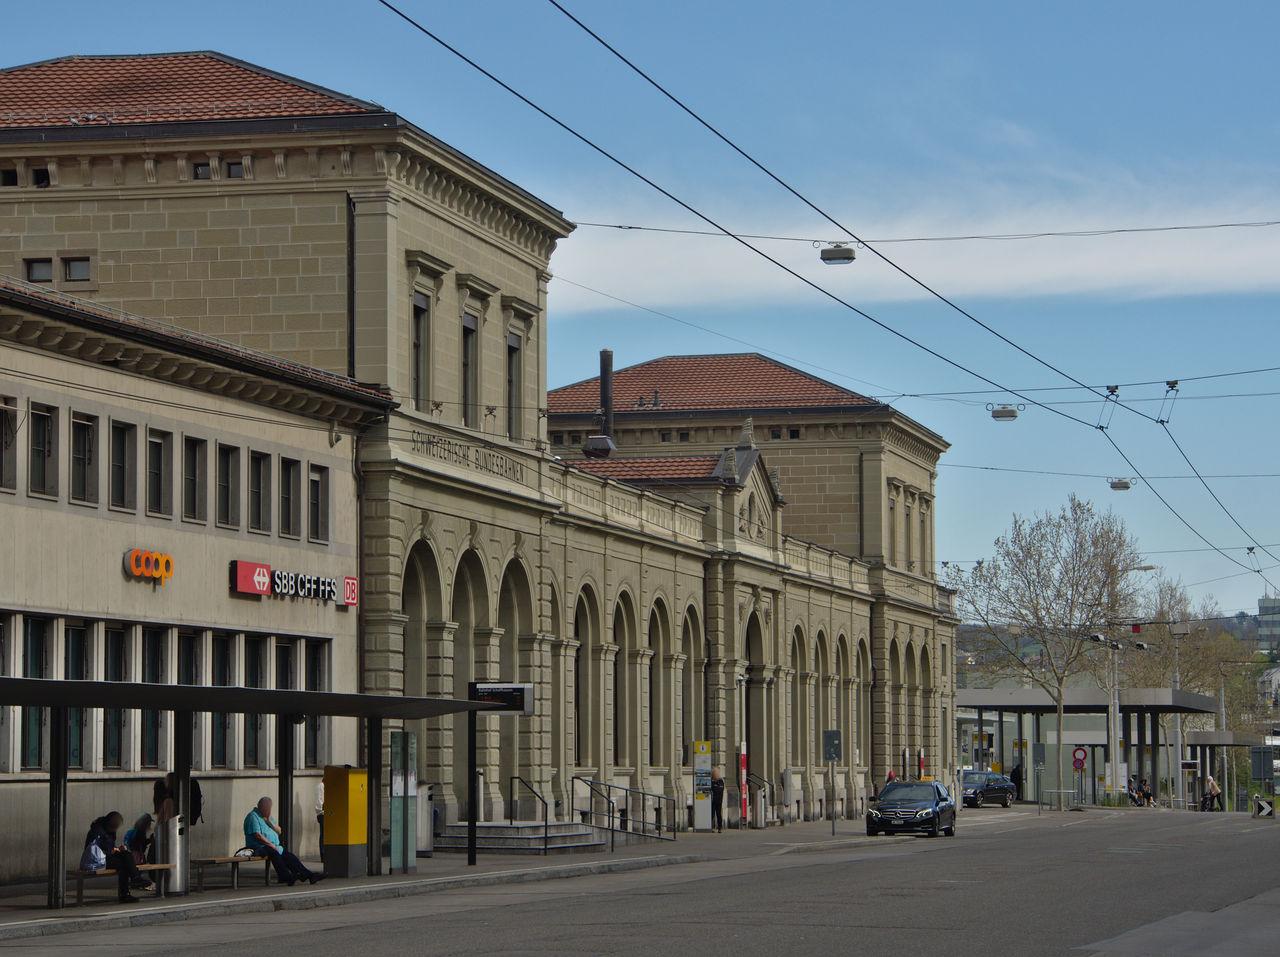 20190421_Schaffhausen_006